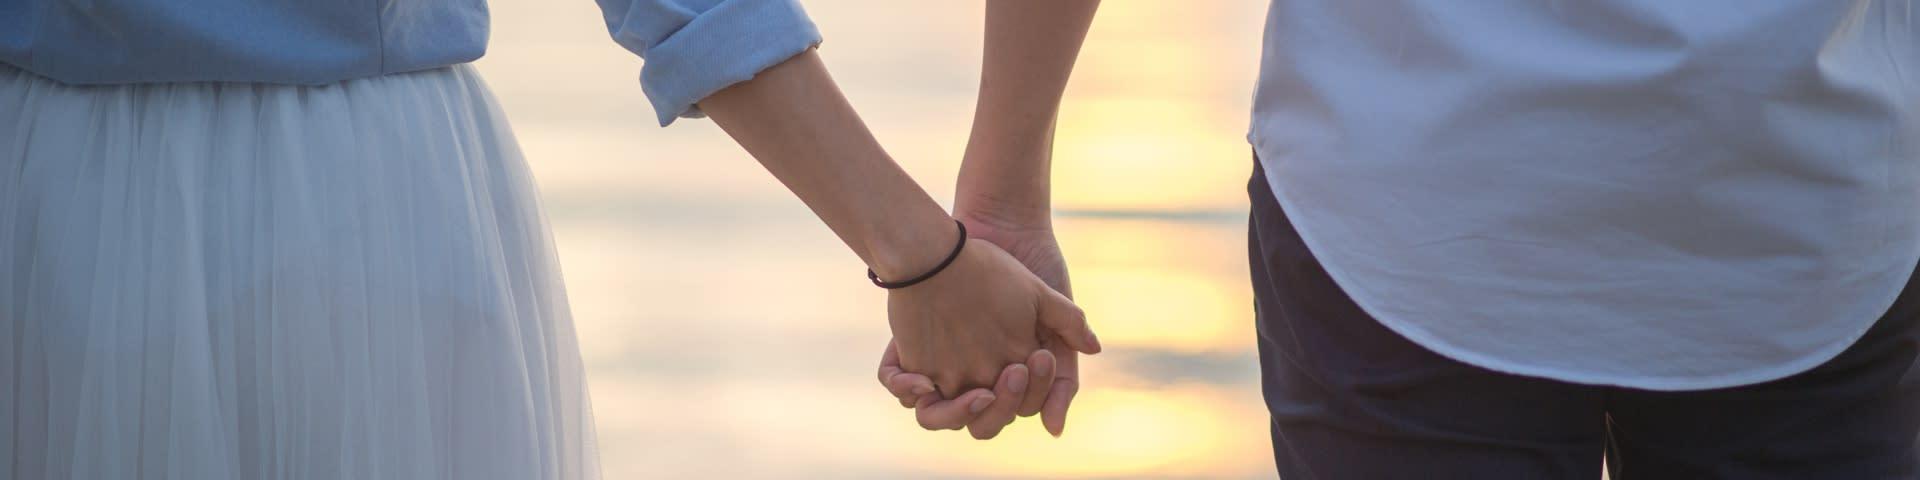 不婚、晚婚、性福嗎? 台灣新型態